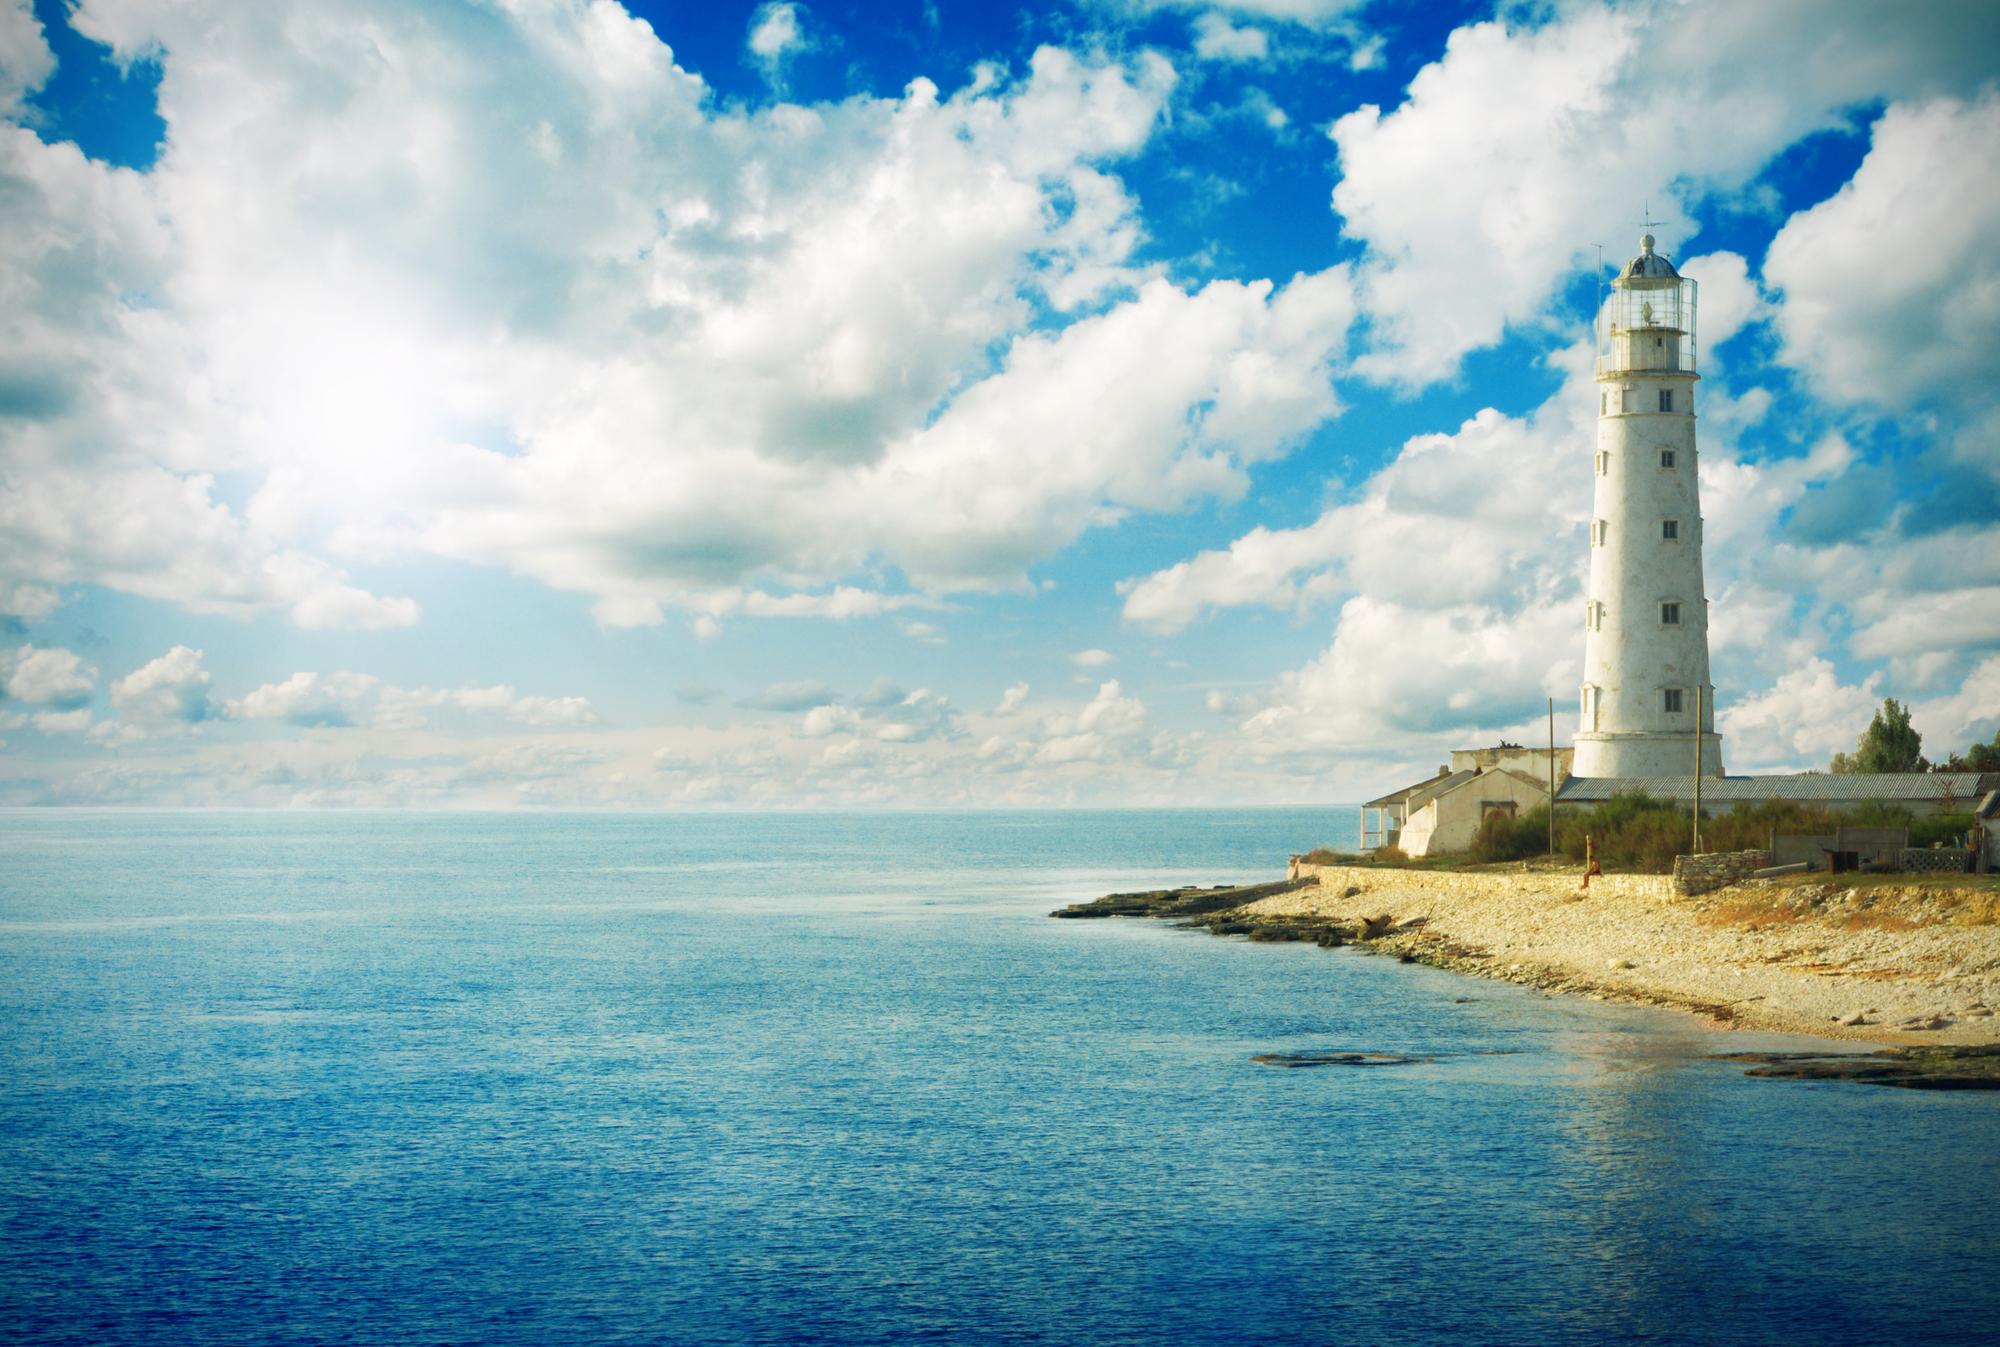 台湾是个呈南北狭长型的海岛,面积约有3.